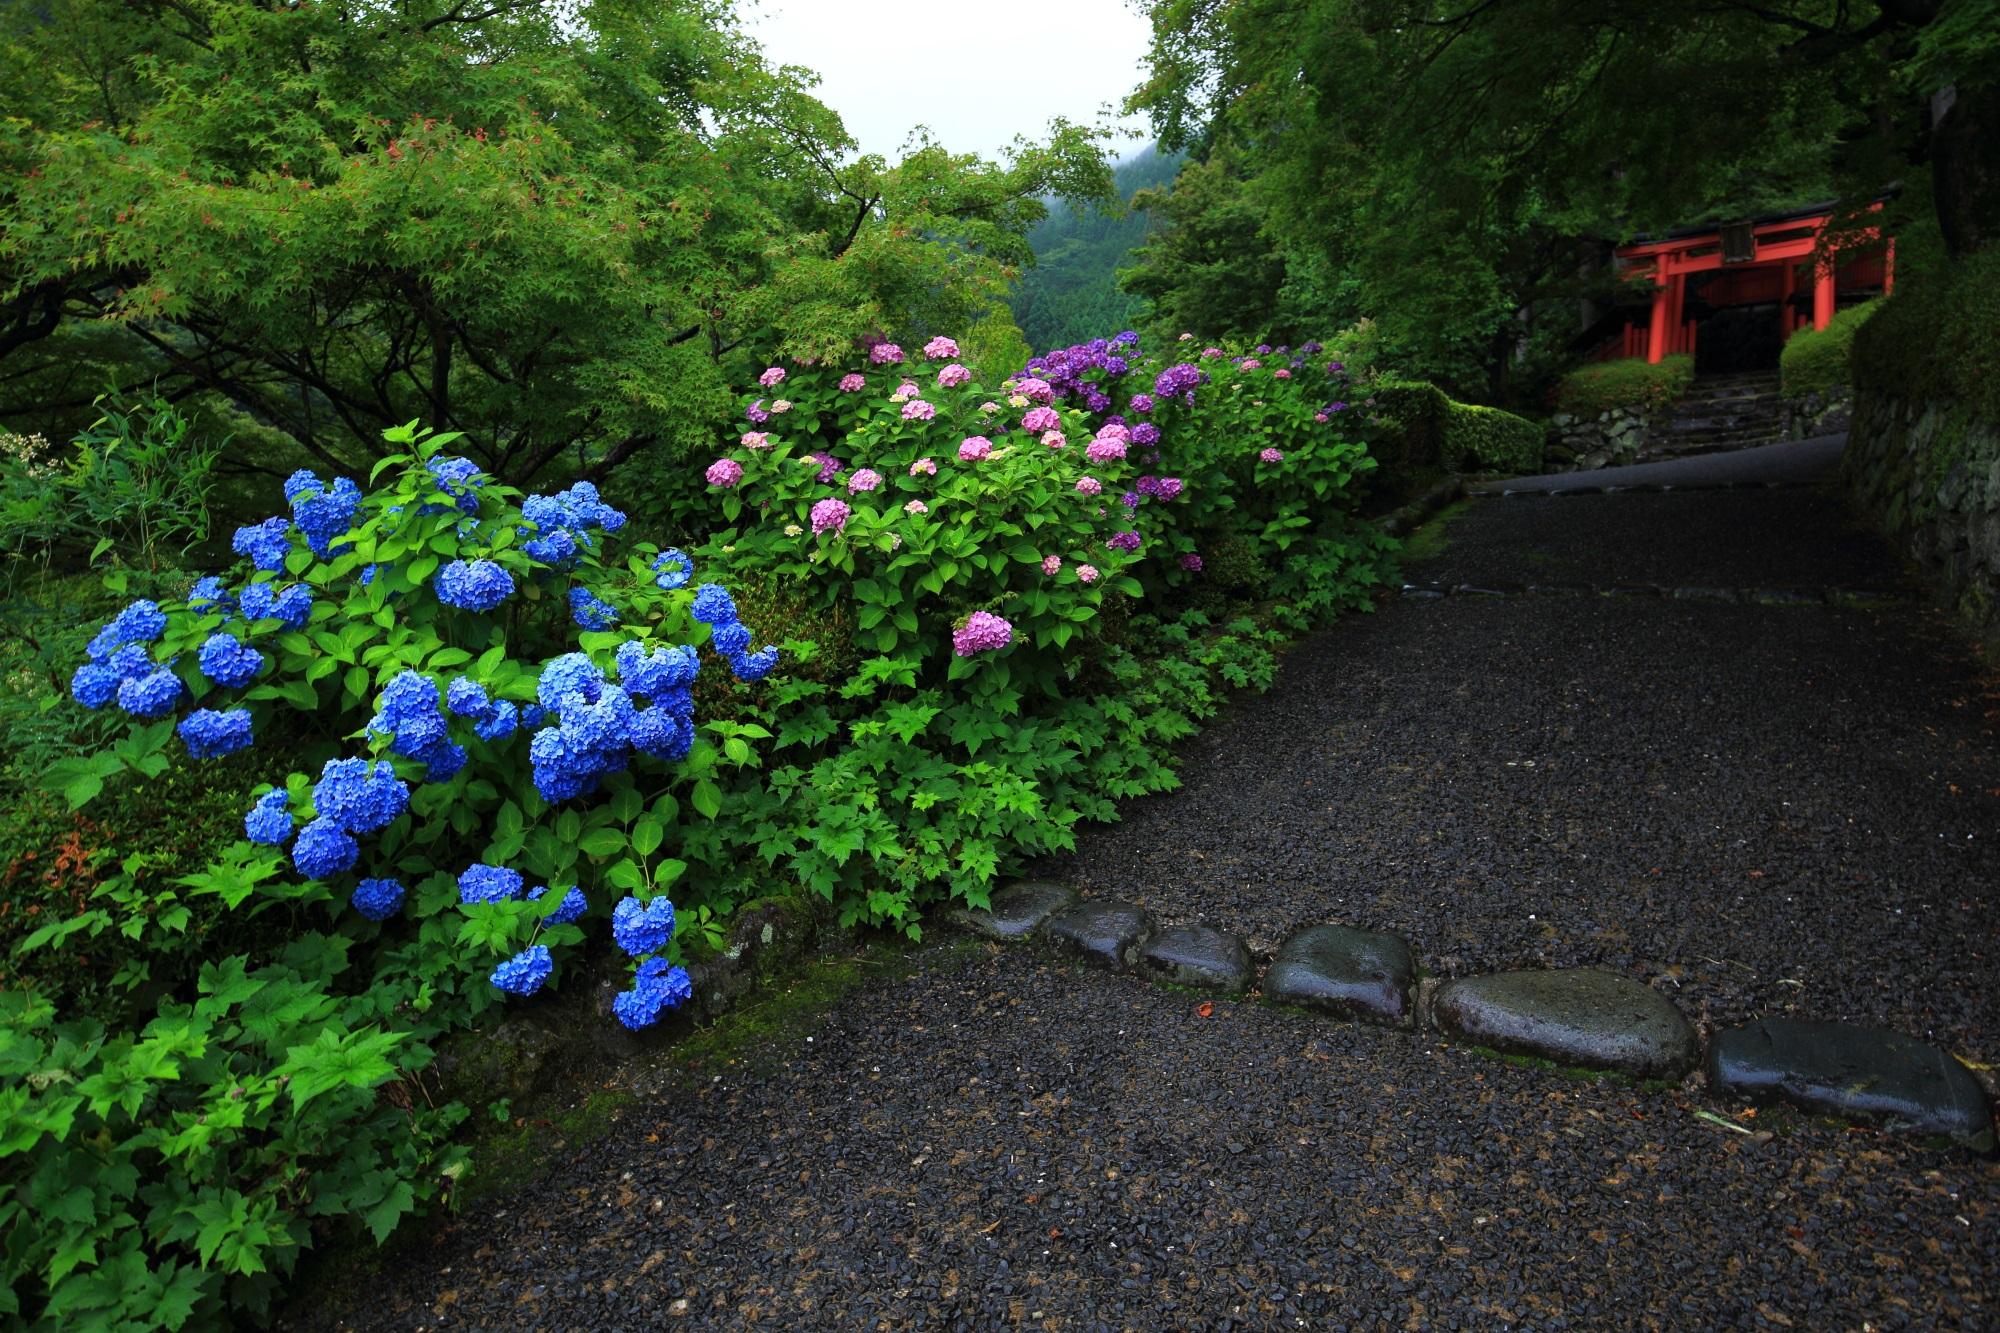 赤い鳥居が奥に見える善峯寺の稲荷社と紫陽花